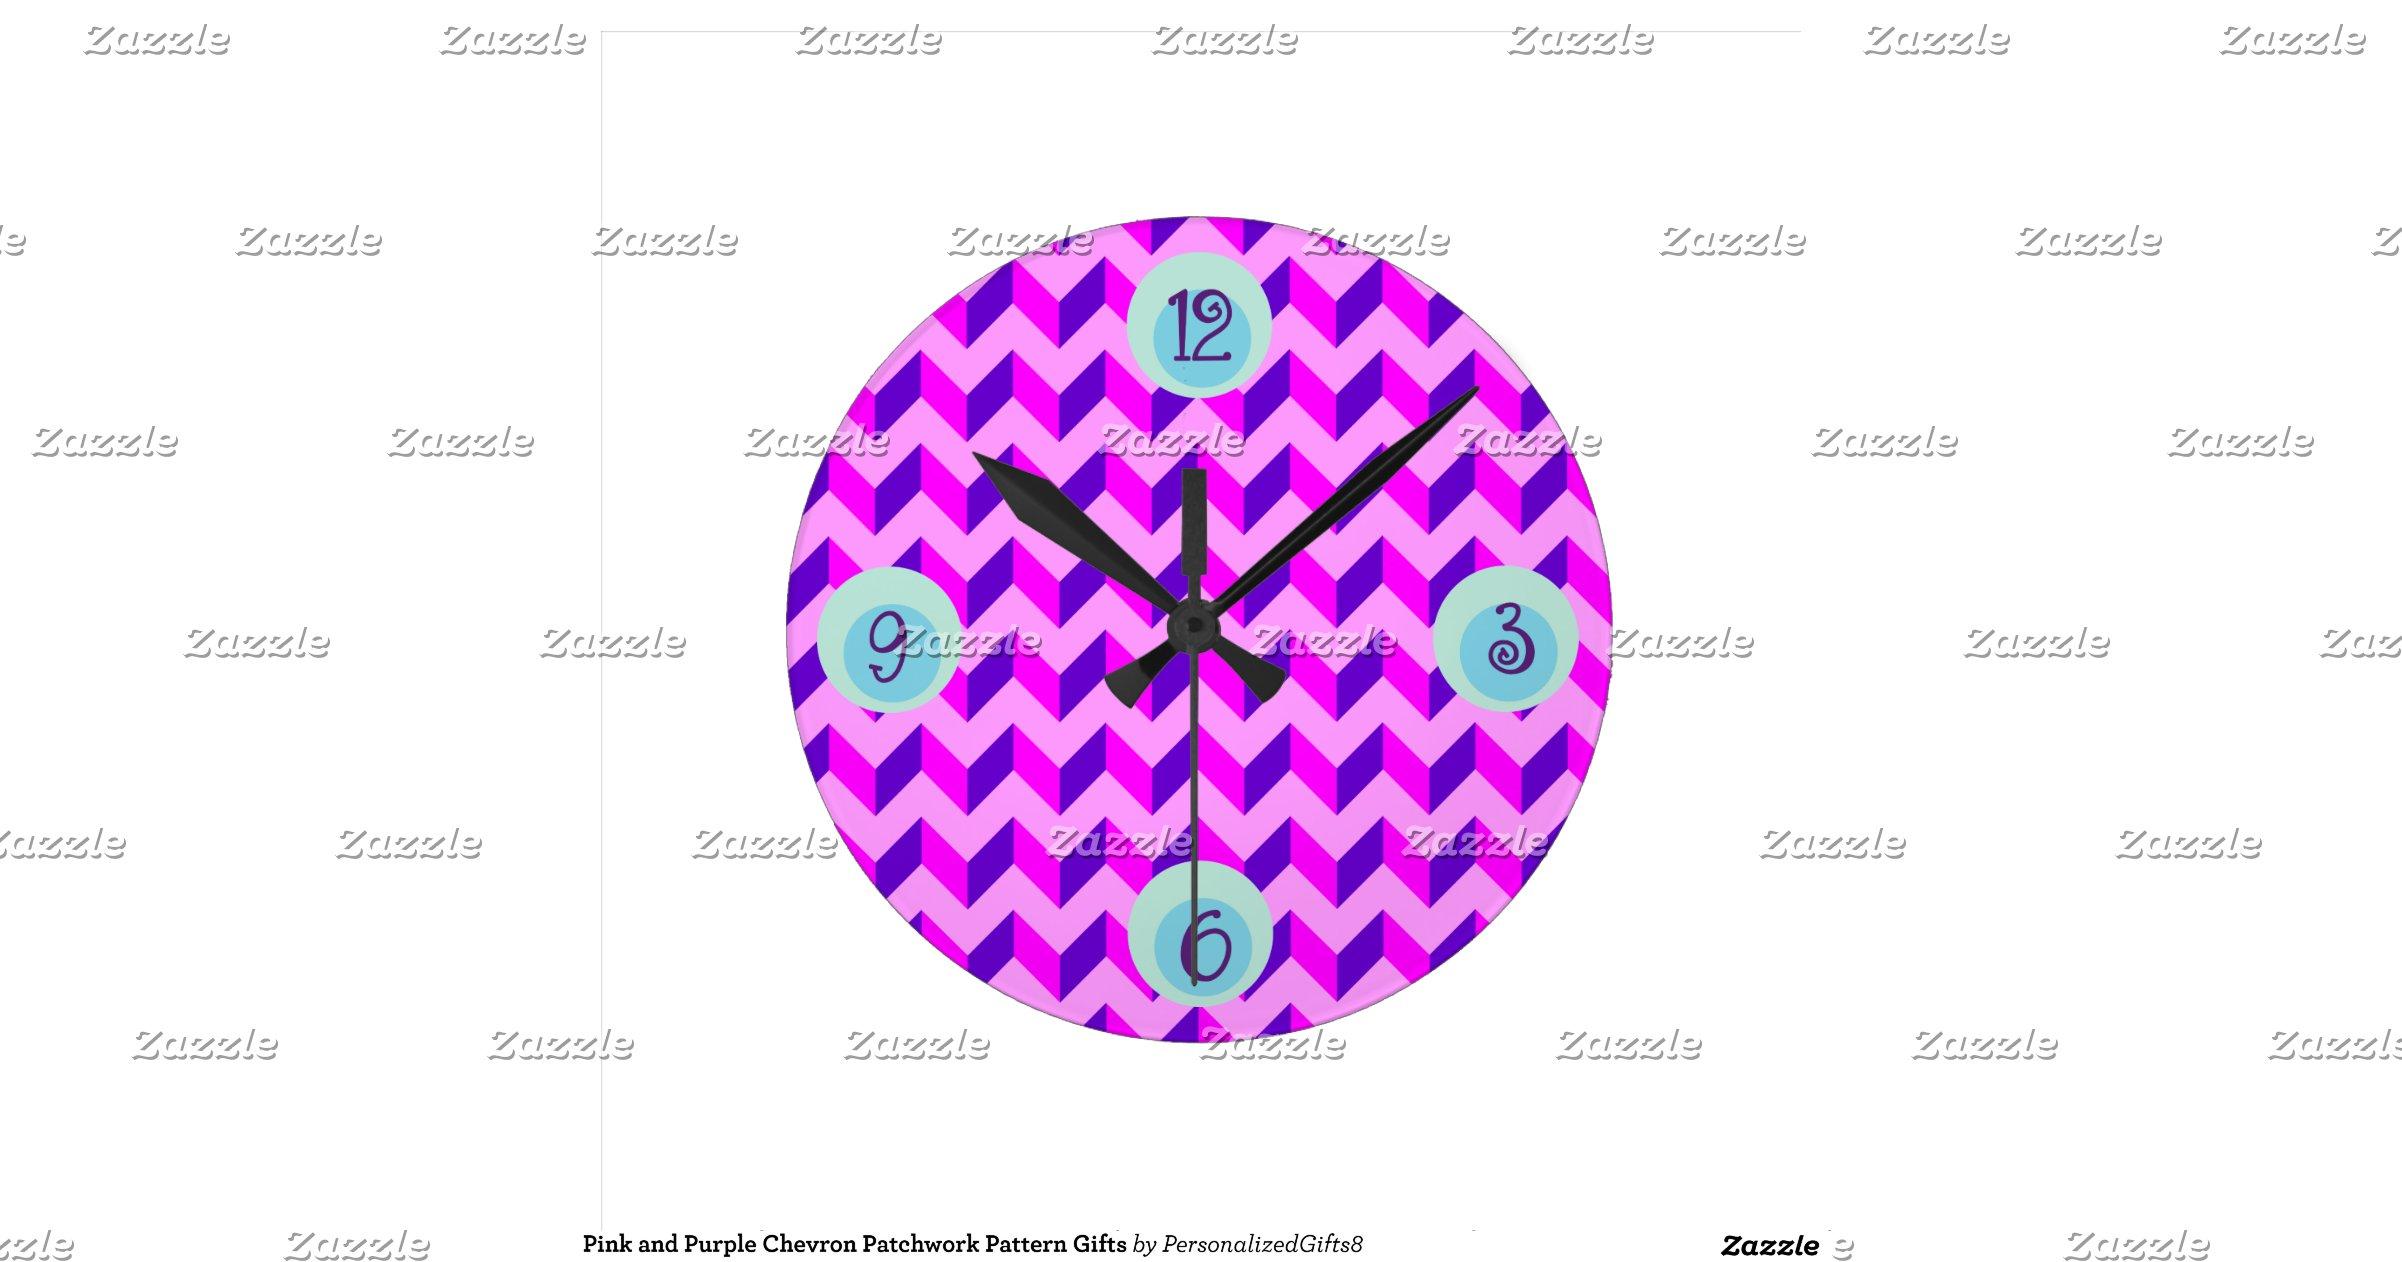 Purple and pink chevron pattern - photo#21